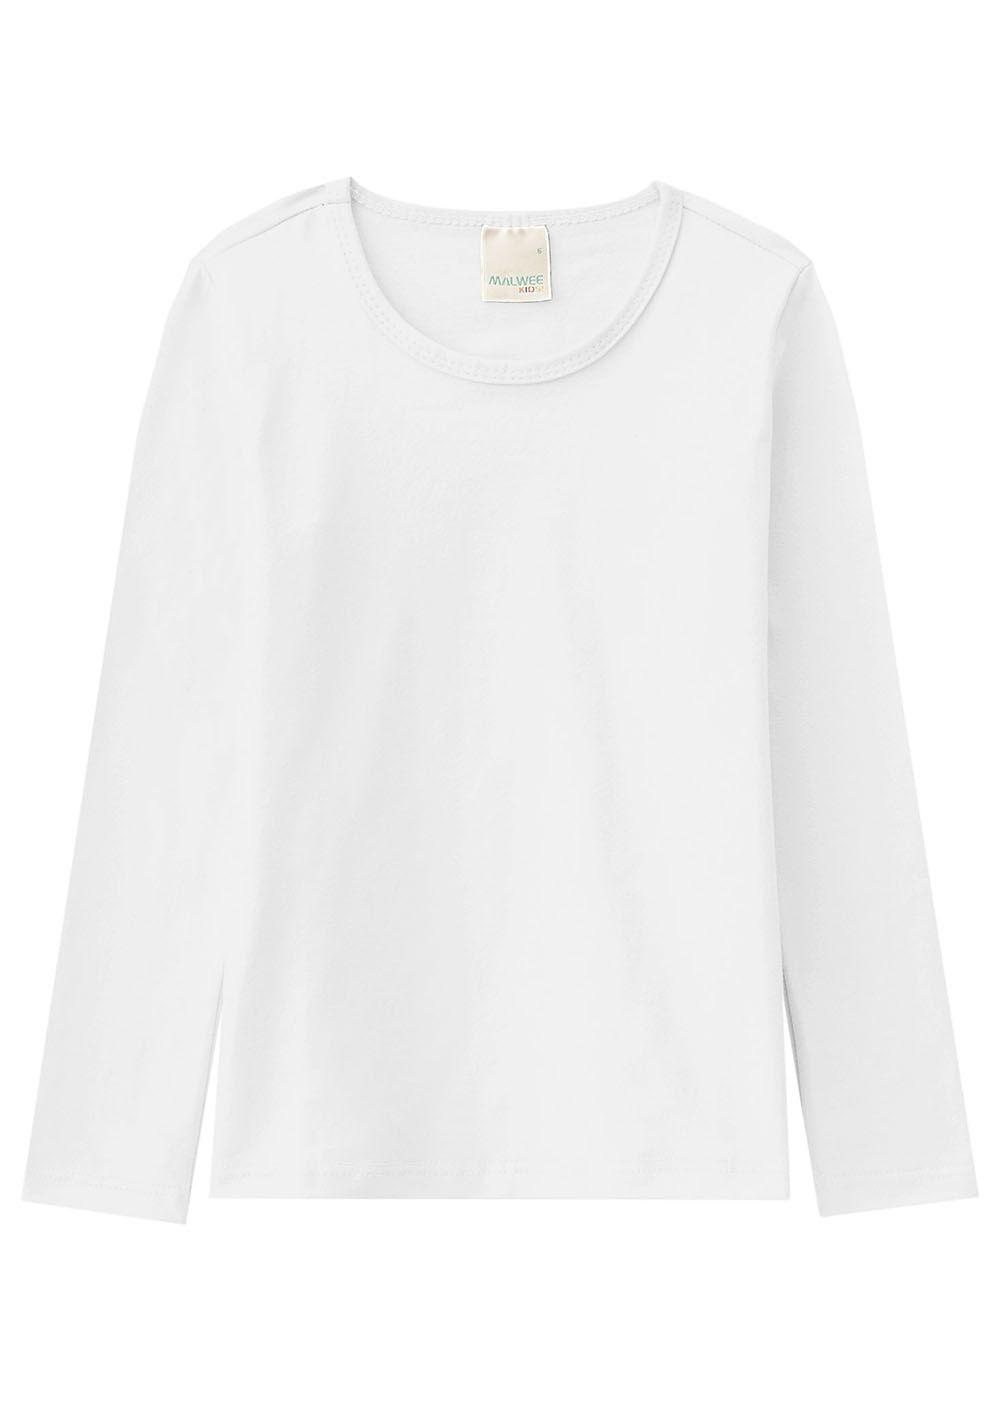 Blusa Infantil Feminina Inverno Branca Malwee